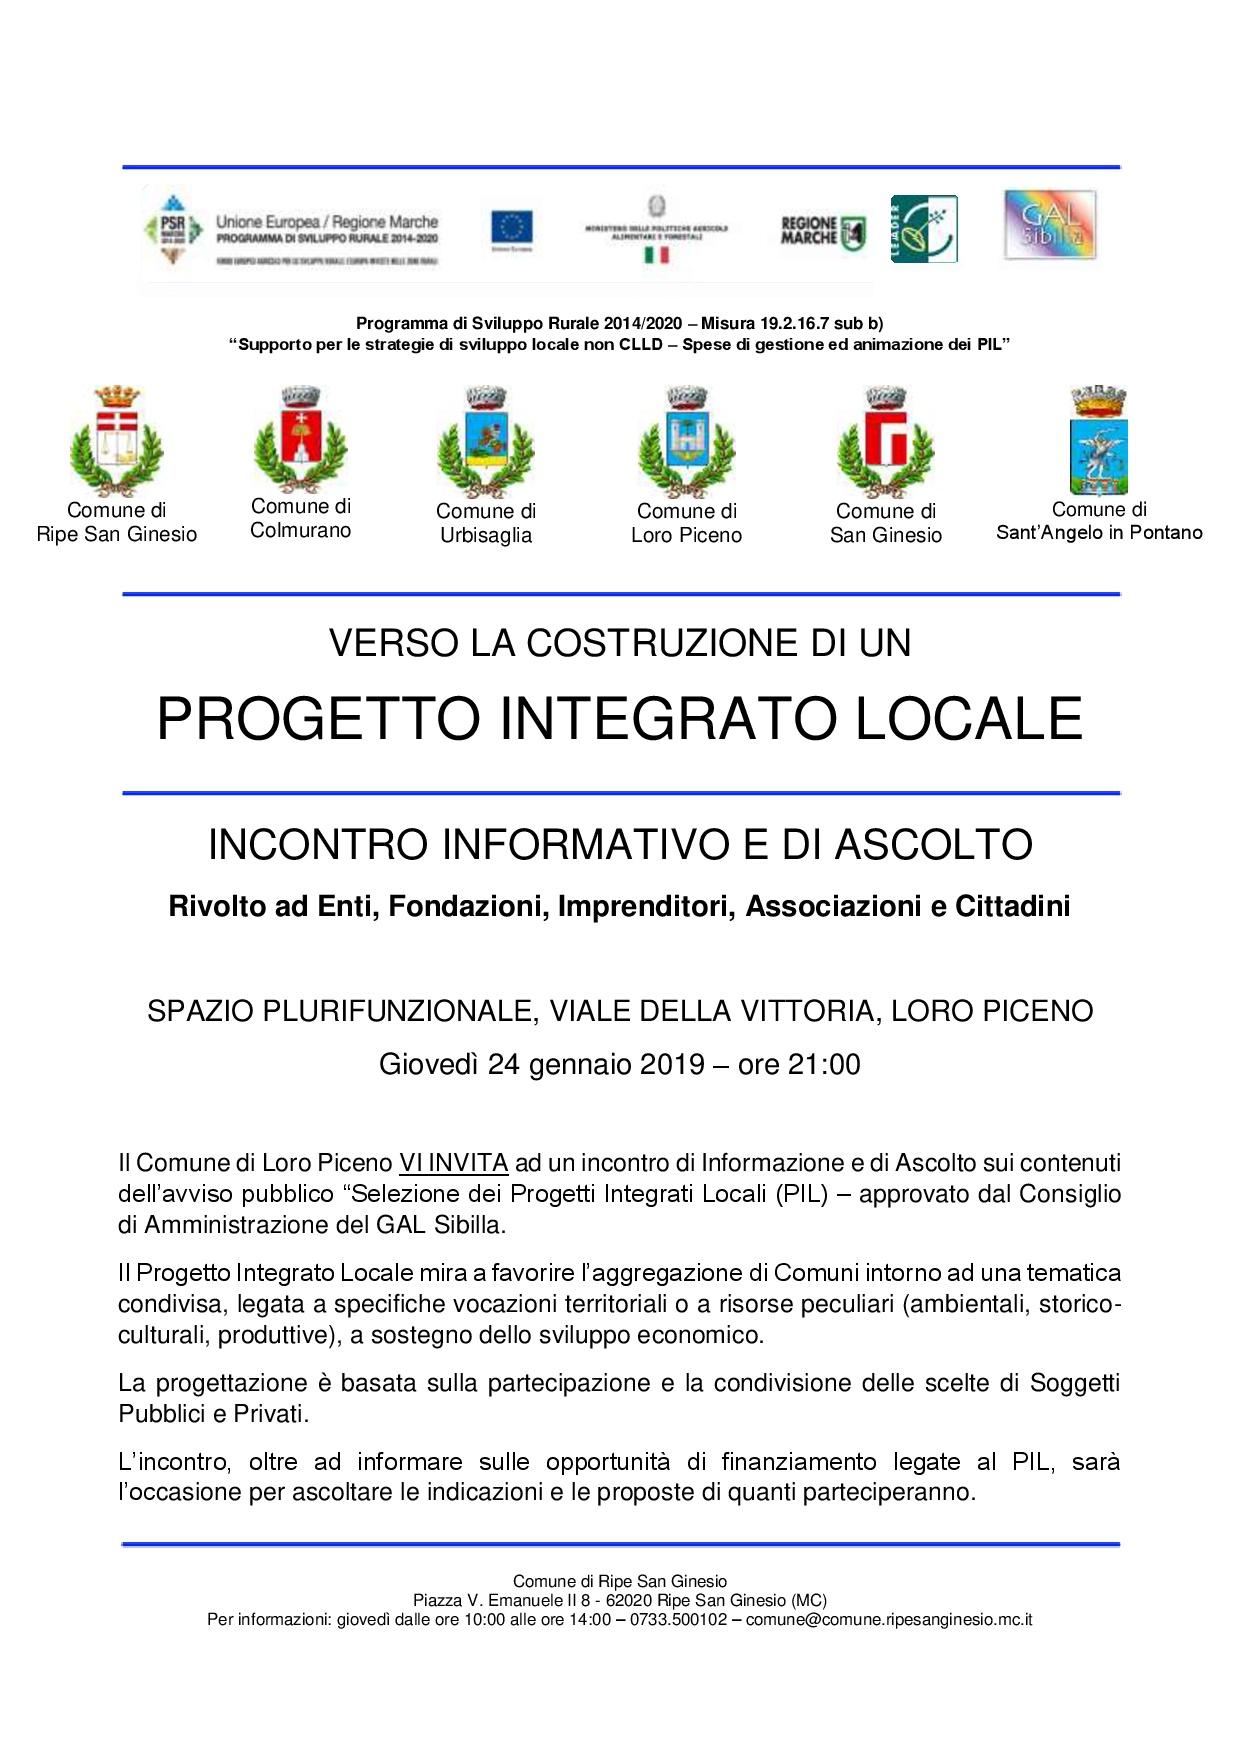 IncontroInformativo_Loro Piceno